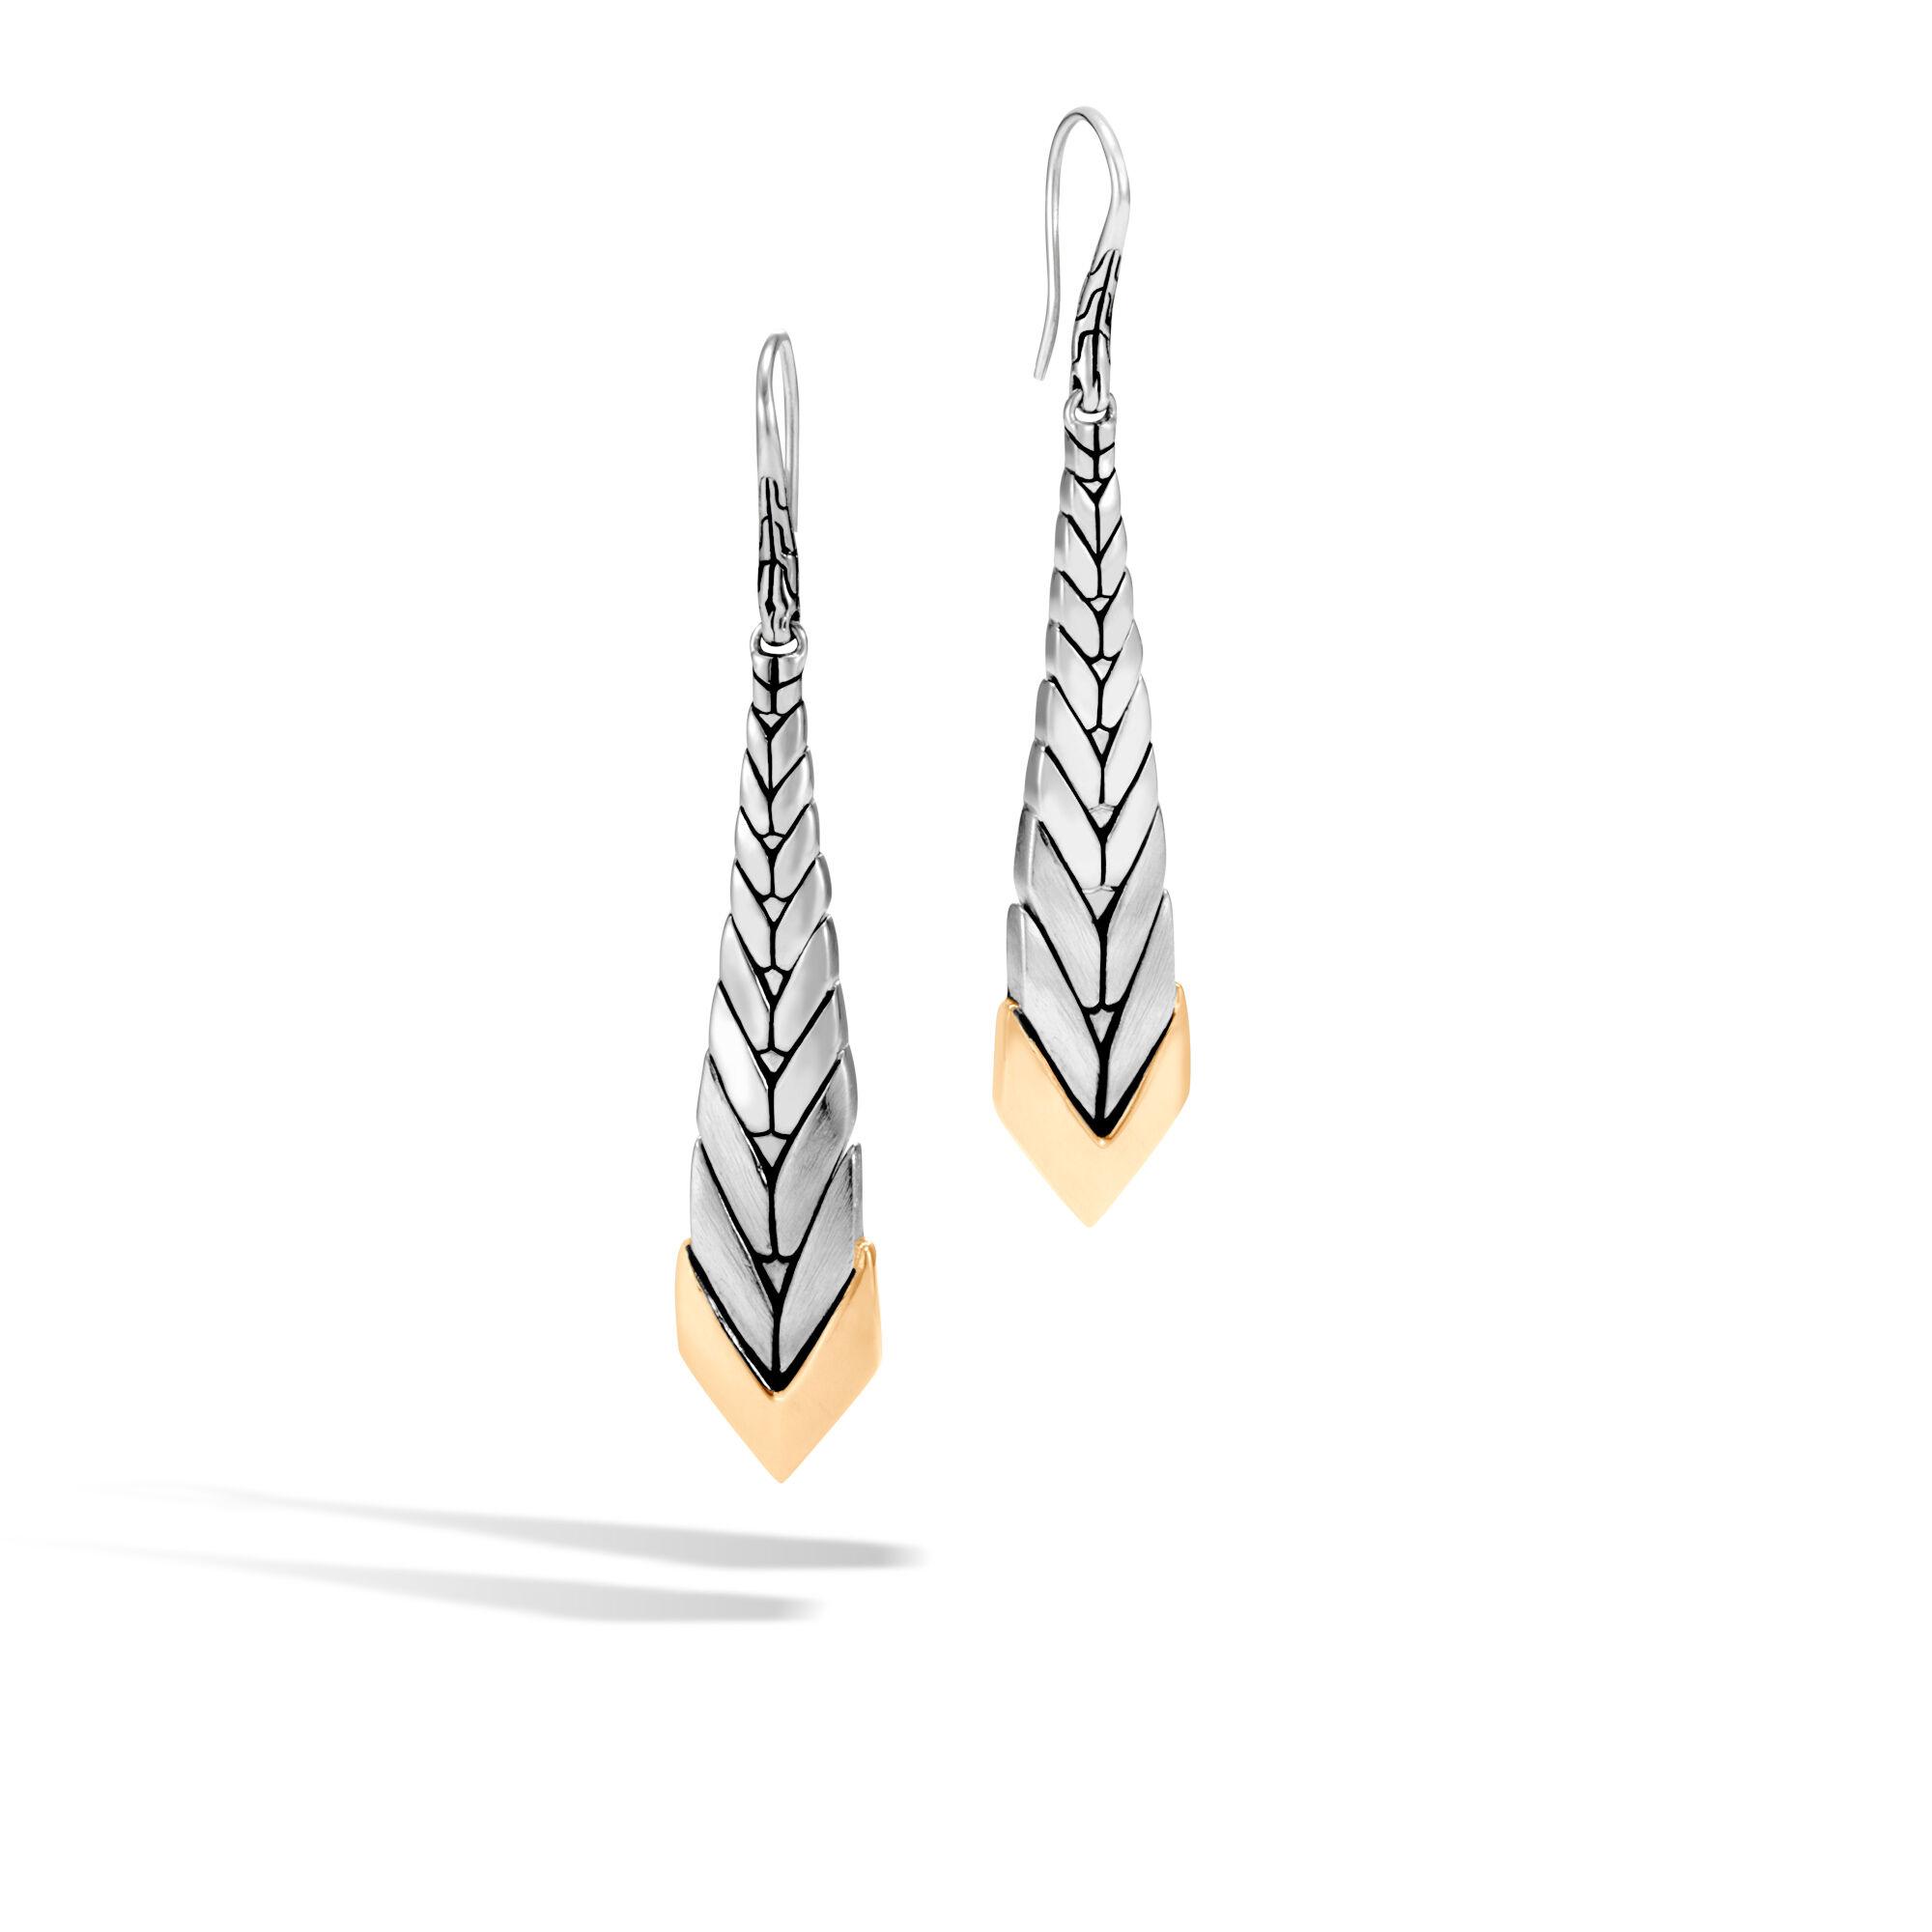 John Hardy Modern Chain 18K Gold & Silver Long Drop Earrings F8Nla